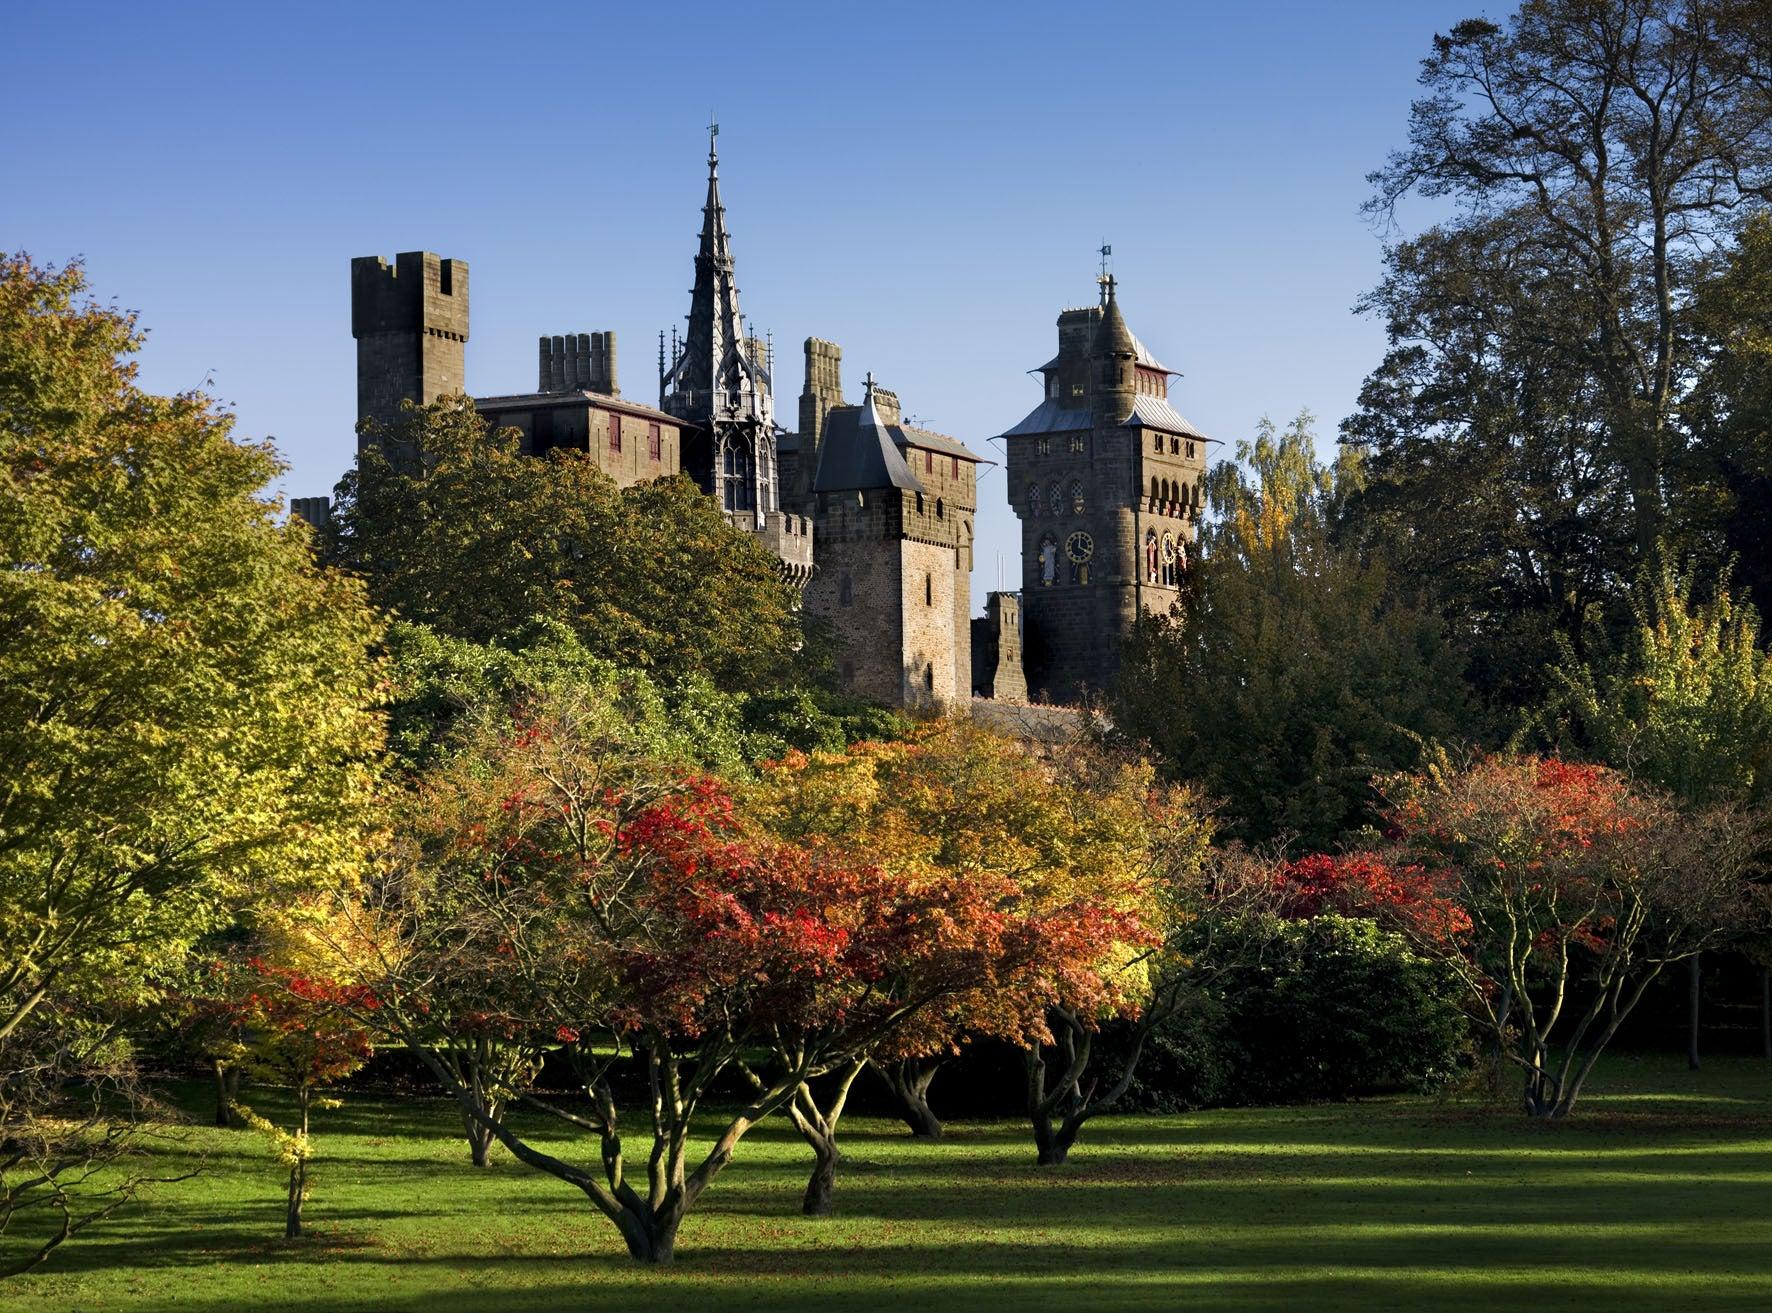 Britain Park  - 英国政府観光庁 -未体験なんてもったいない!?英国の城に行ってみよう!